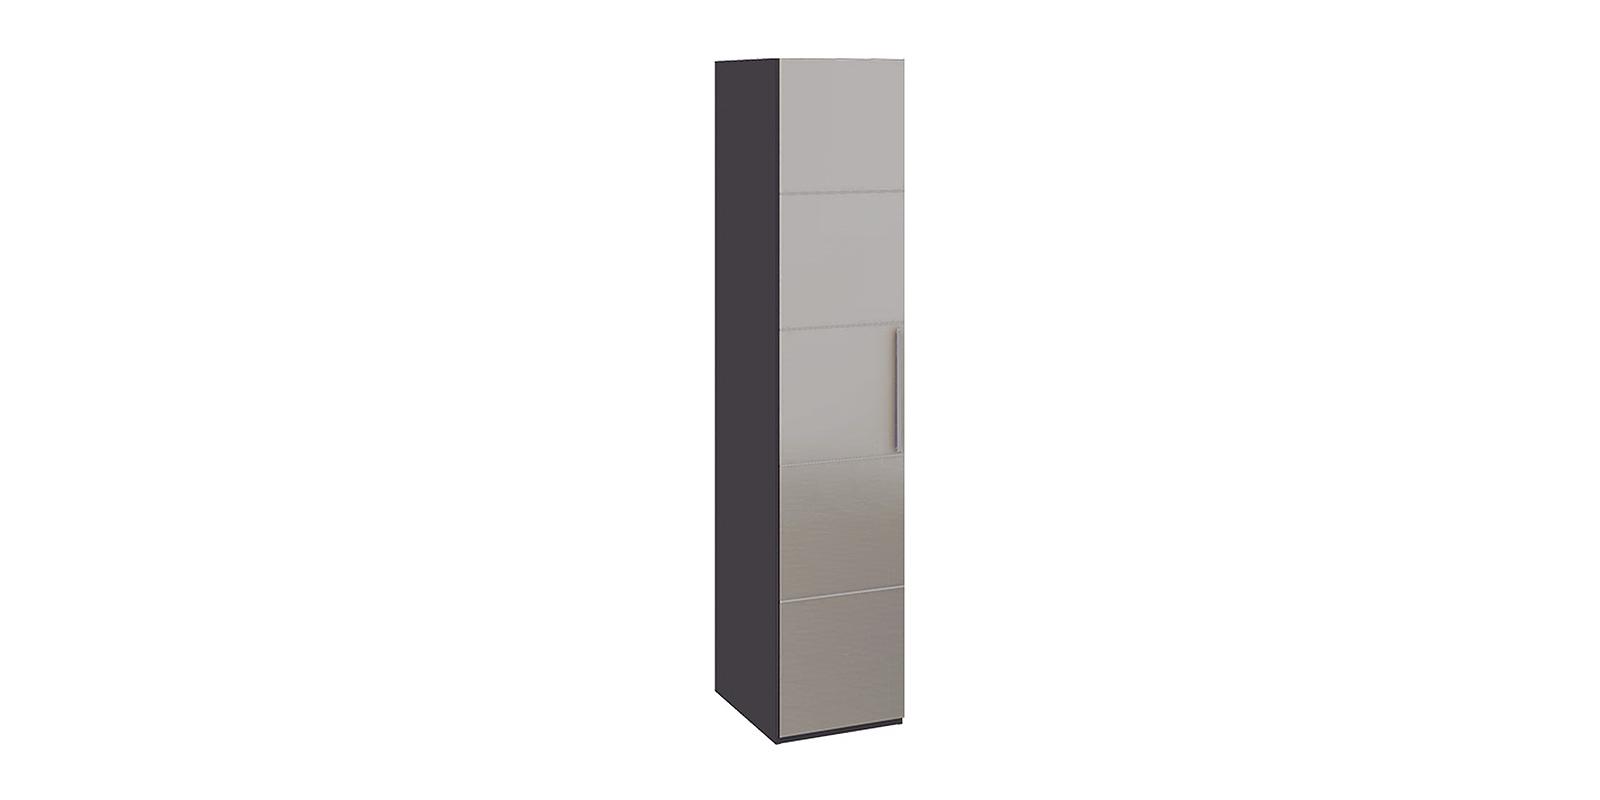 Шкаф распашной однодверный Сорренто вариант №3 левый (темно-серый/зеркало) Сорренто